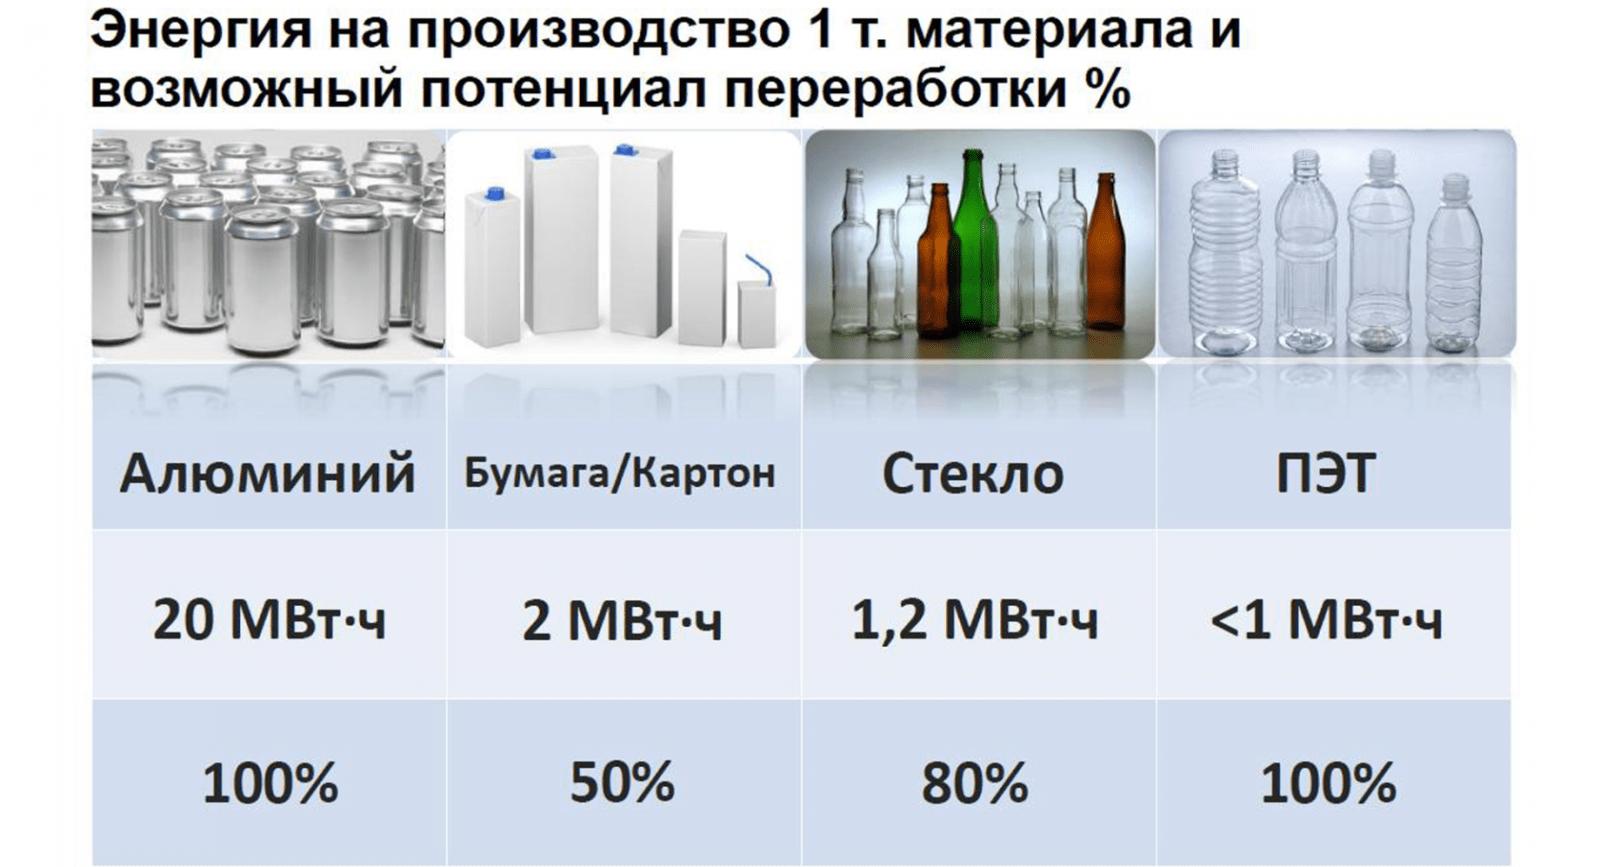 pochemu-plastikovye-butylki-luchshe-drugih-vidov-tary-maloizvestnye-fakty-o-pet-kotorye-vas-udivyat-6